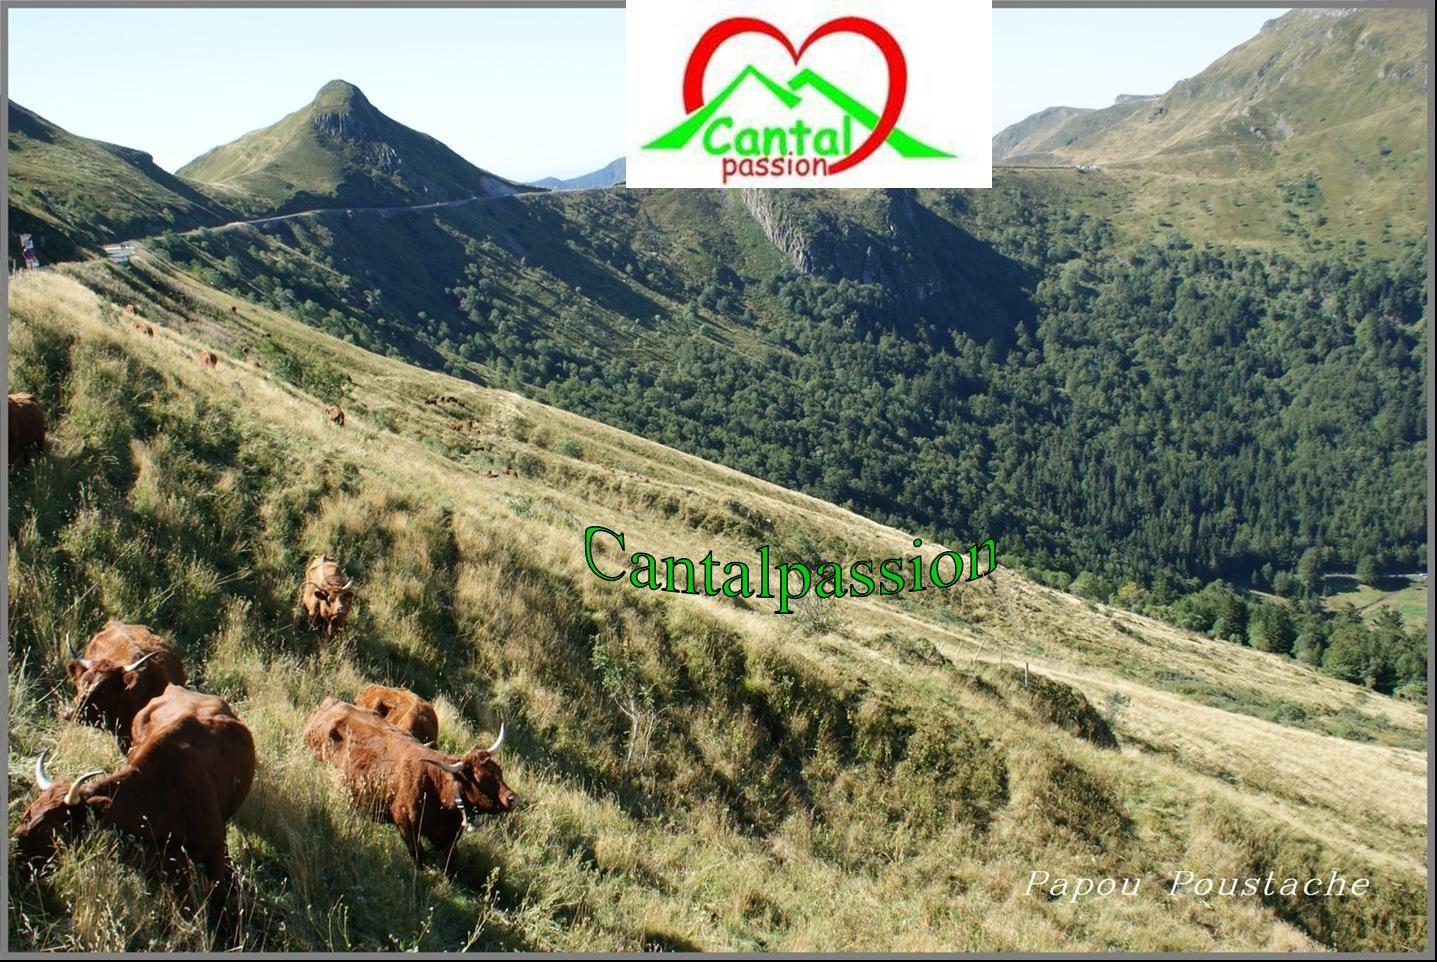 Le site de Cantalpassion